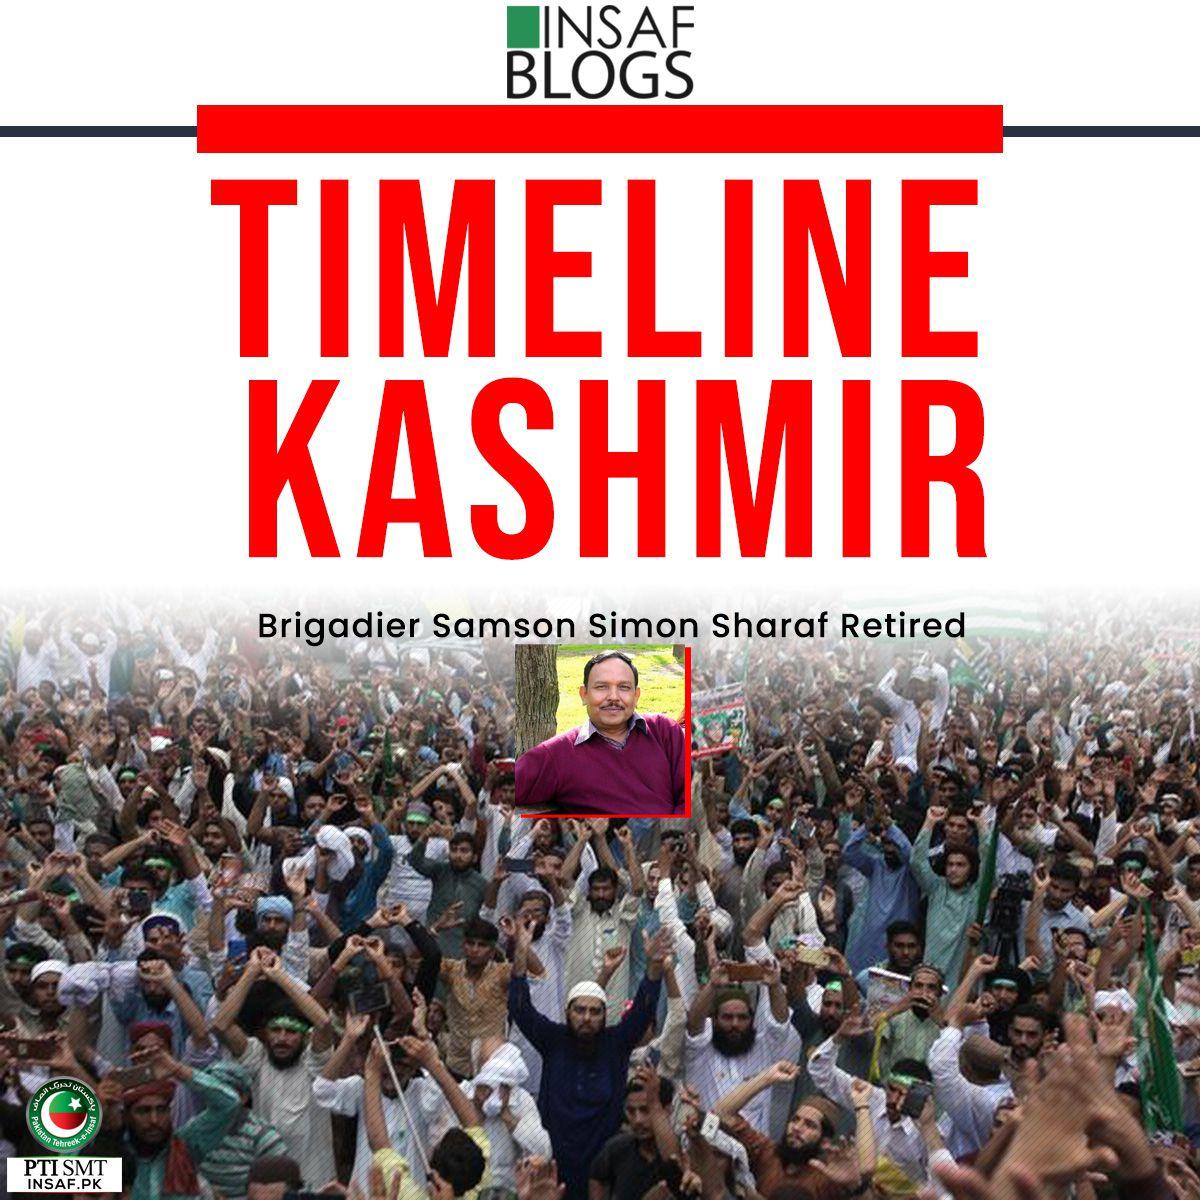 TIMELINE KASHMIR Insaf Blog